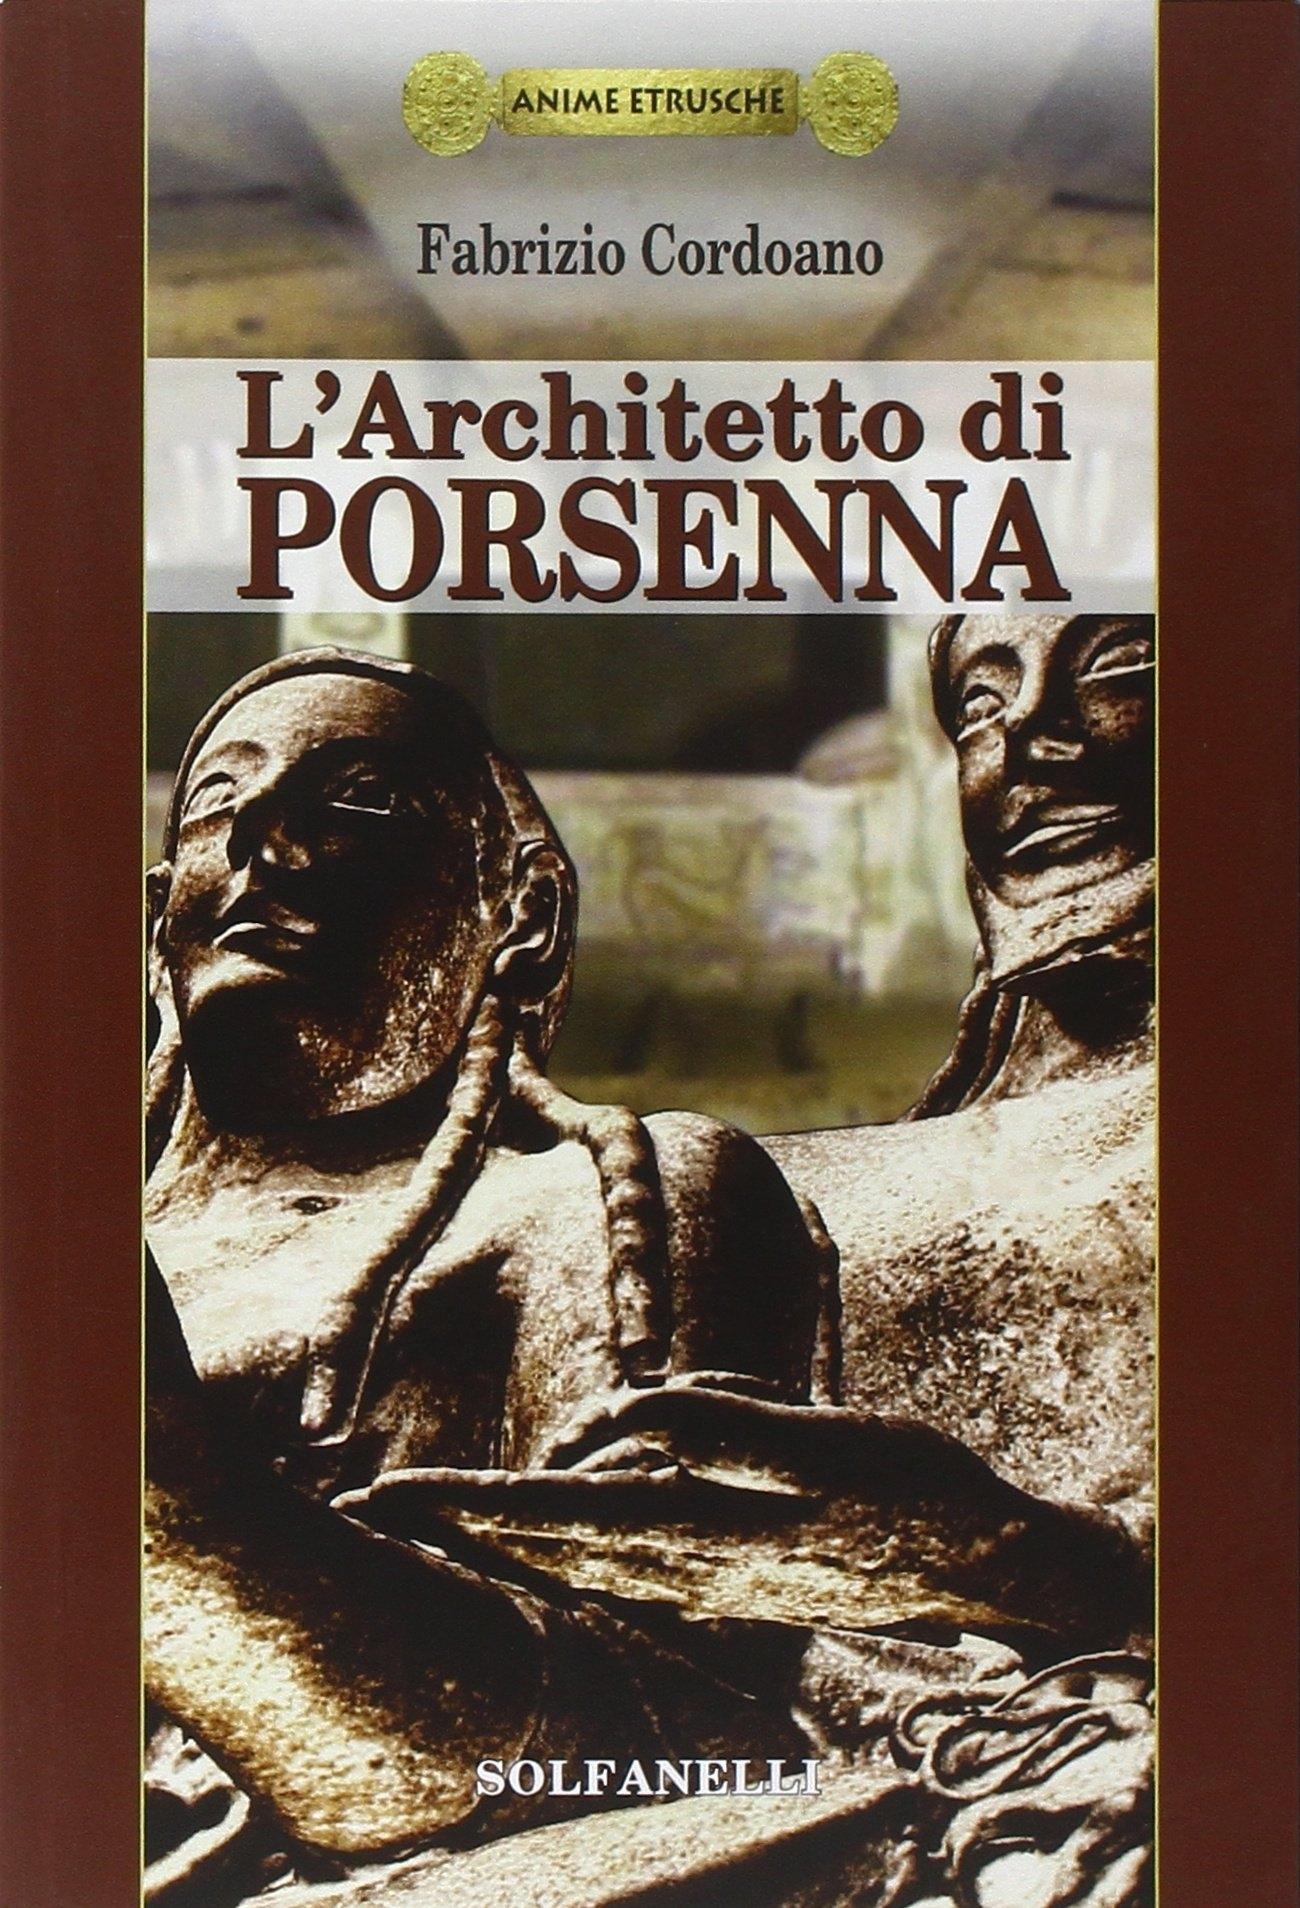 L'architetto di Porsenna.